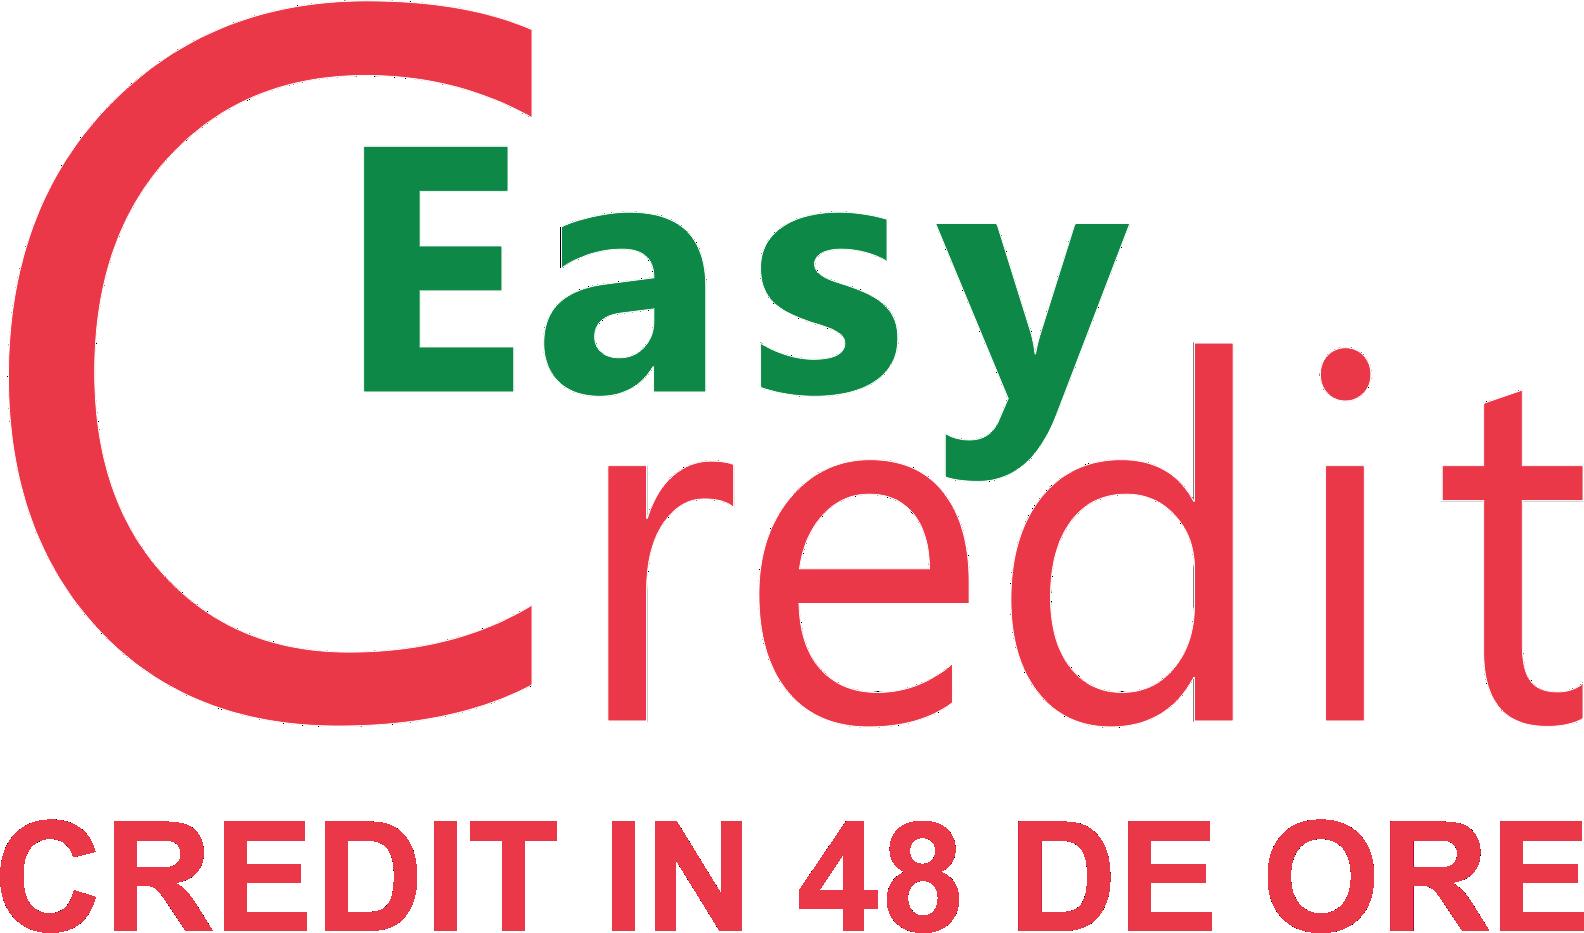 EASY CREDIT 4 ALL IFN SA